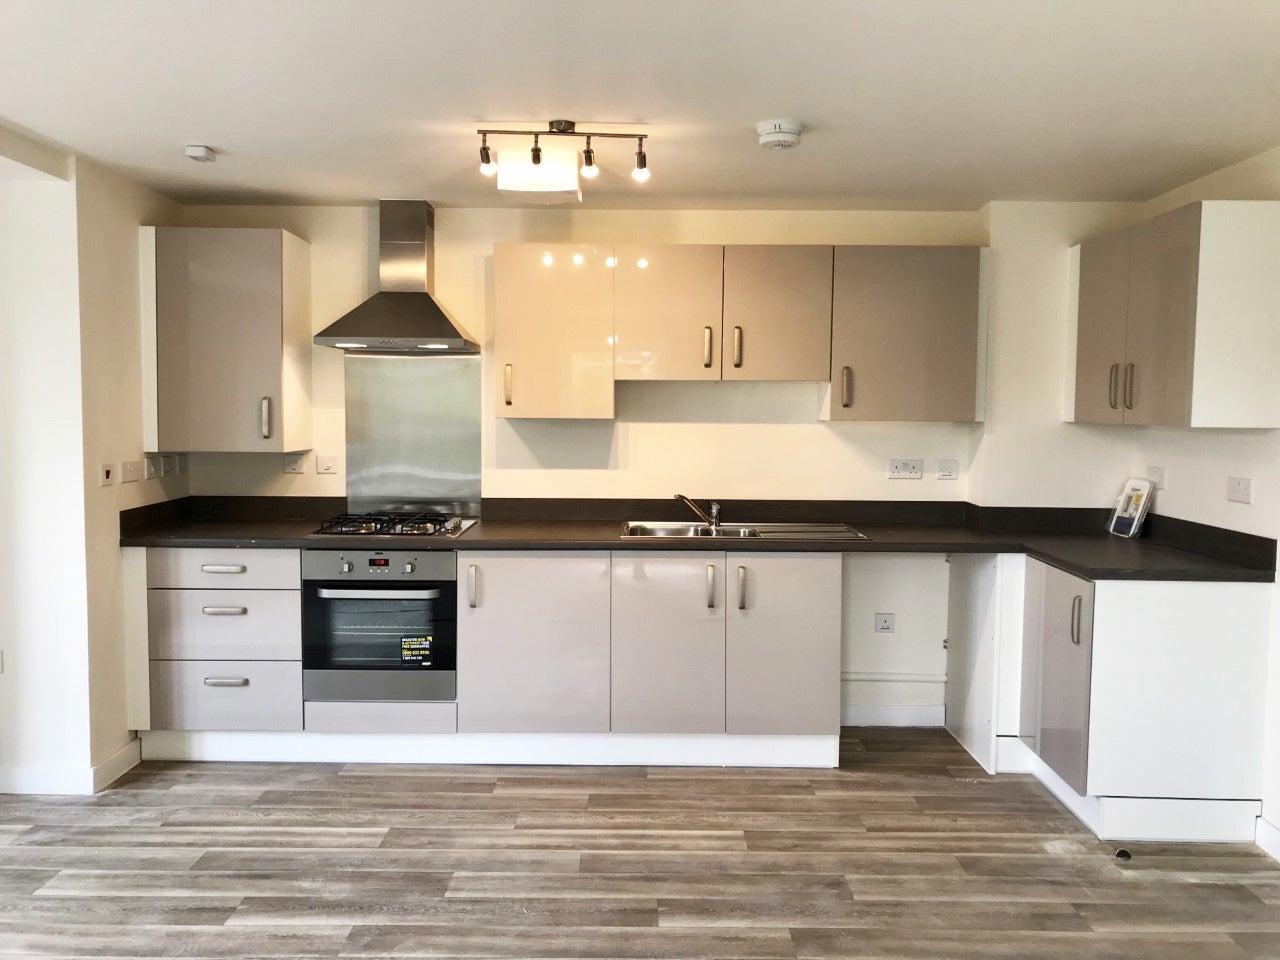 Canalside plot 60 kitchen